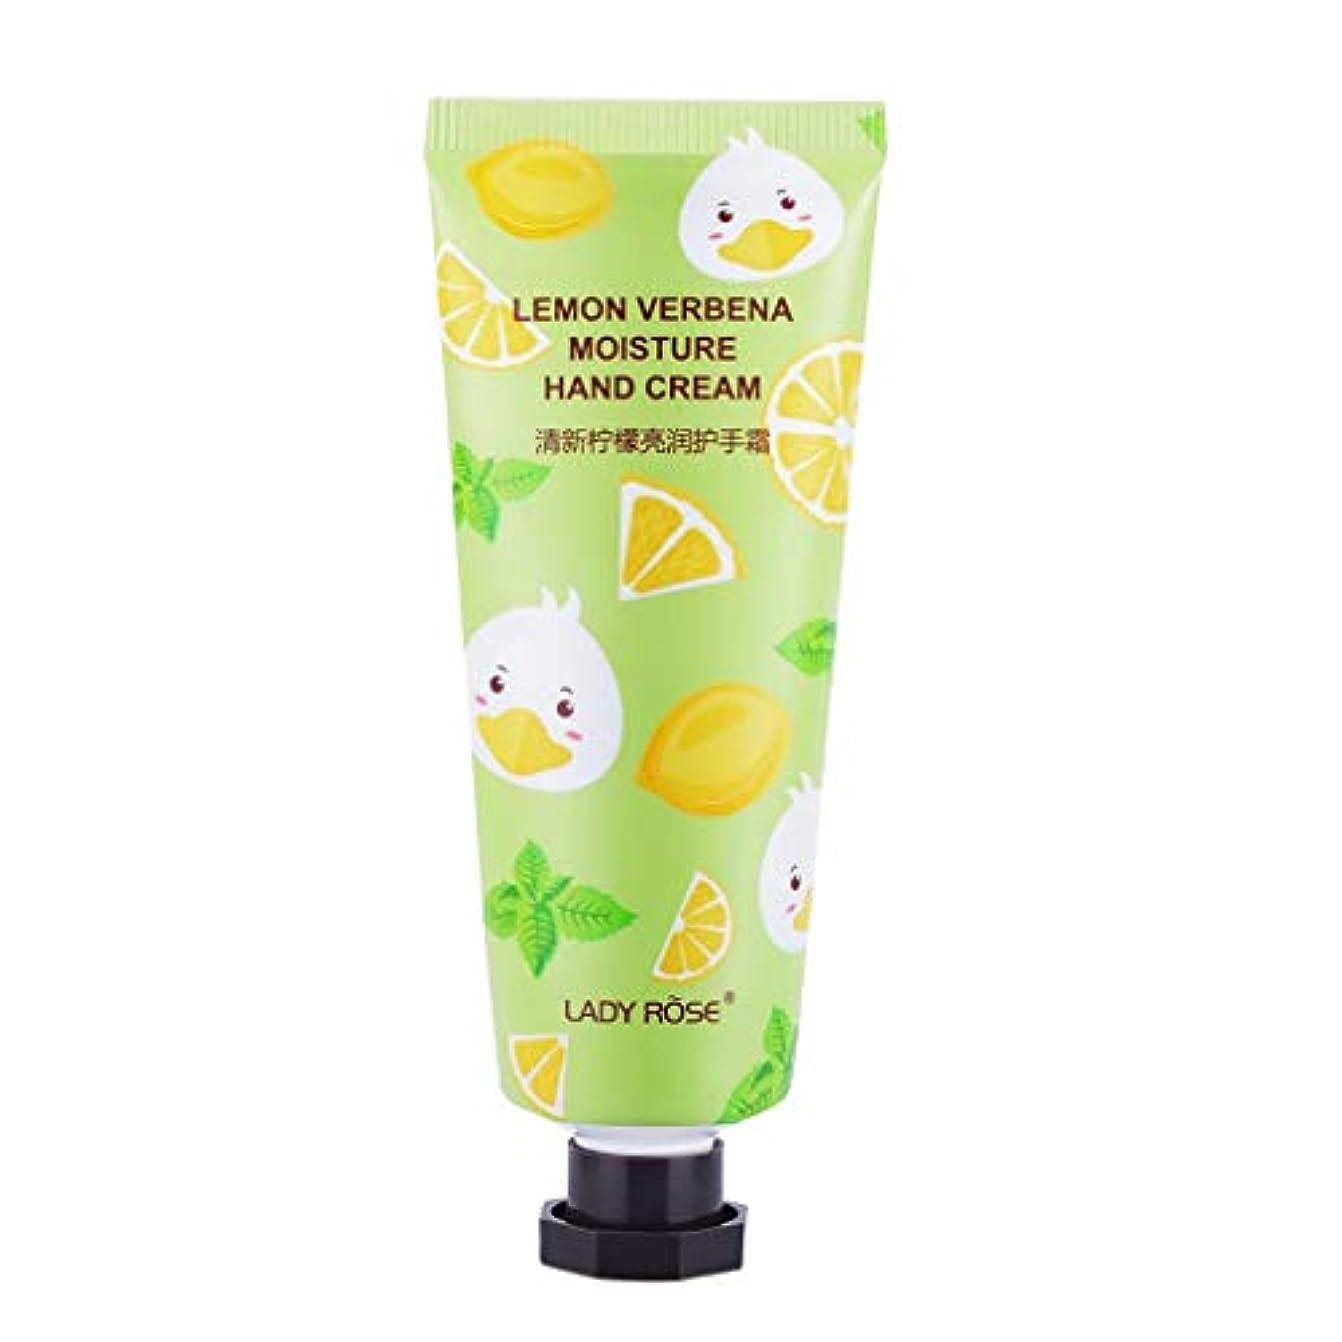 ペパーミント自動人気のF Fityle ハンドクリーム 乾燥対策 潤い スキンケア 可愛い 香り 保湿クリーム ローション 3タイプ選べ - レモン